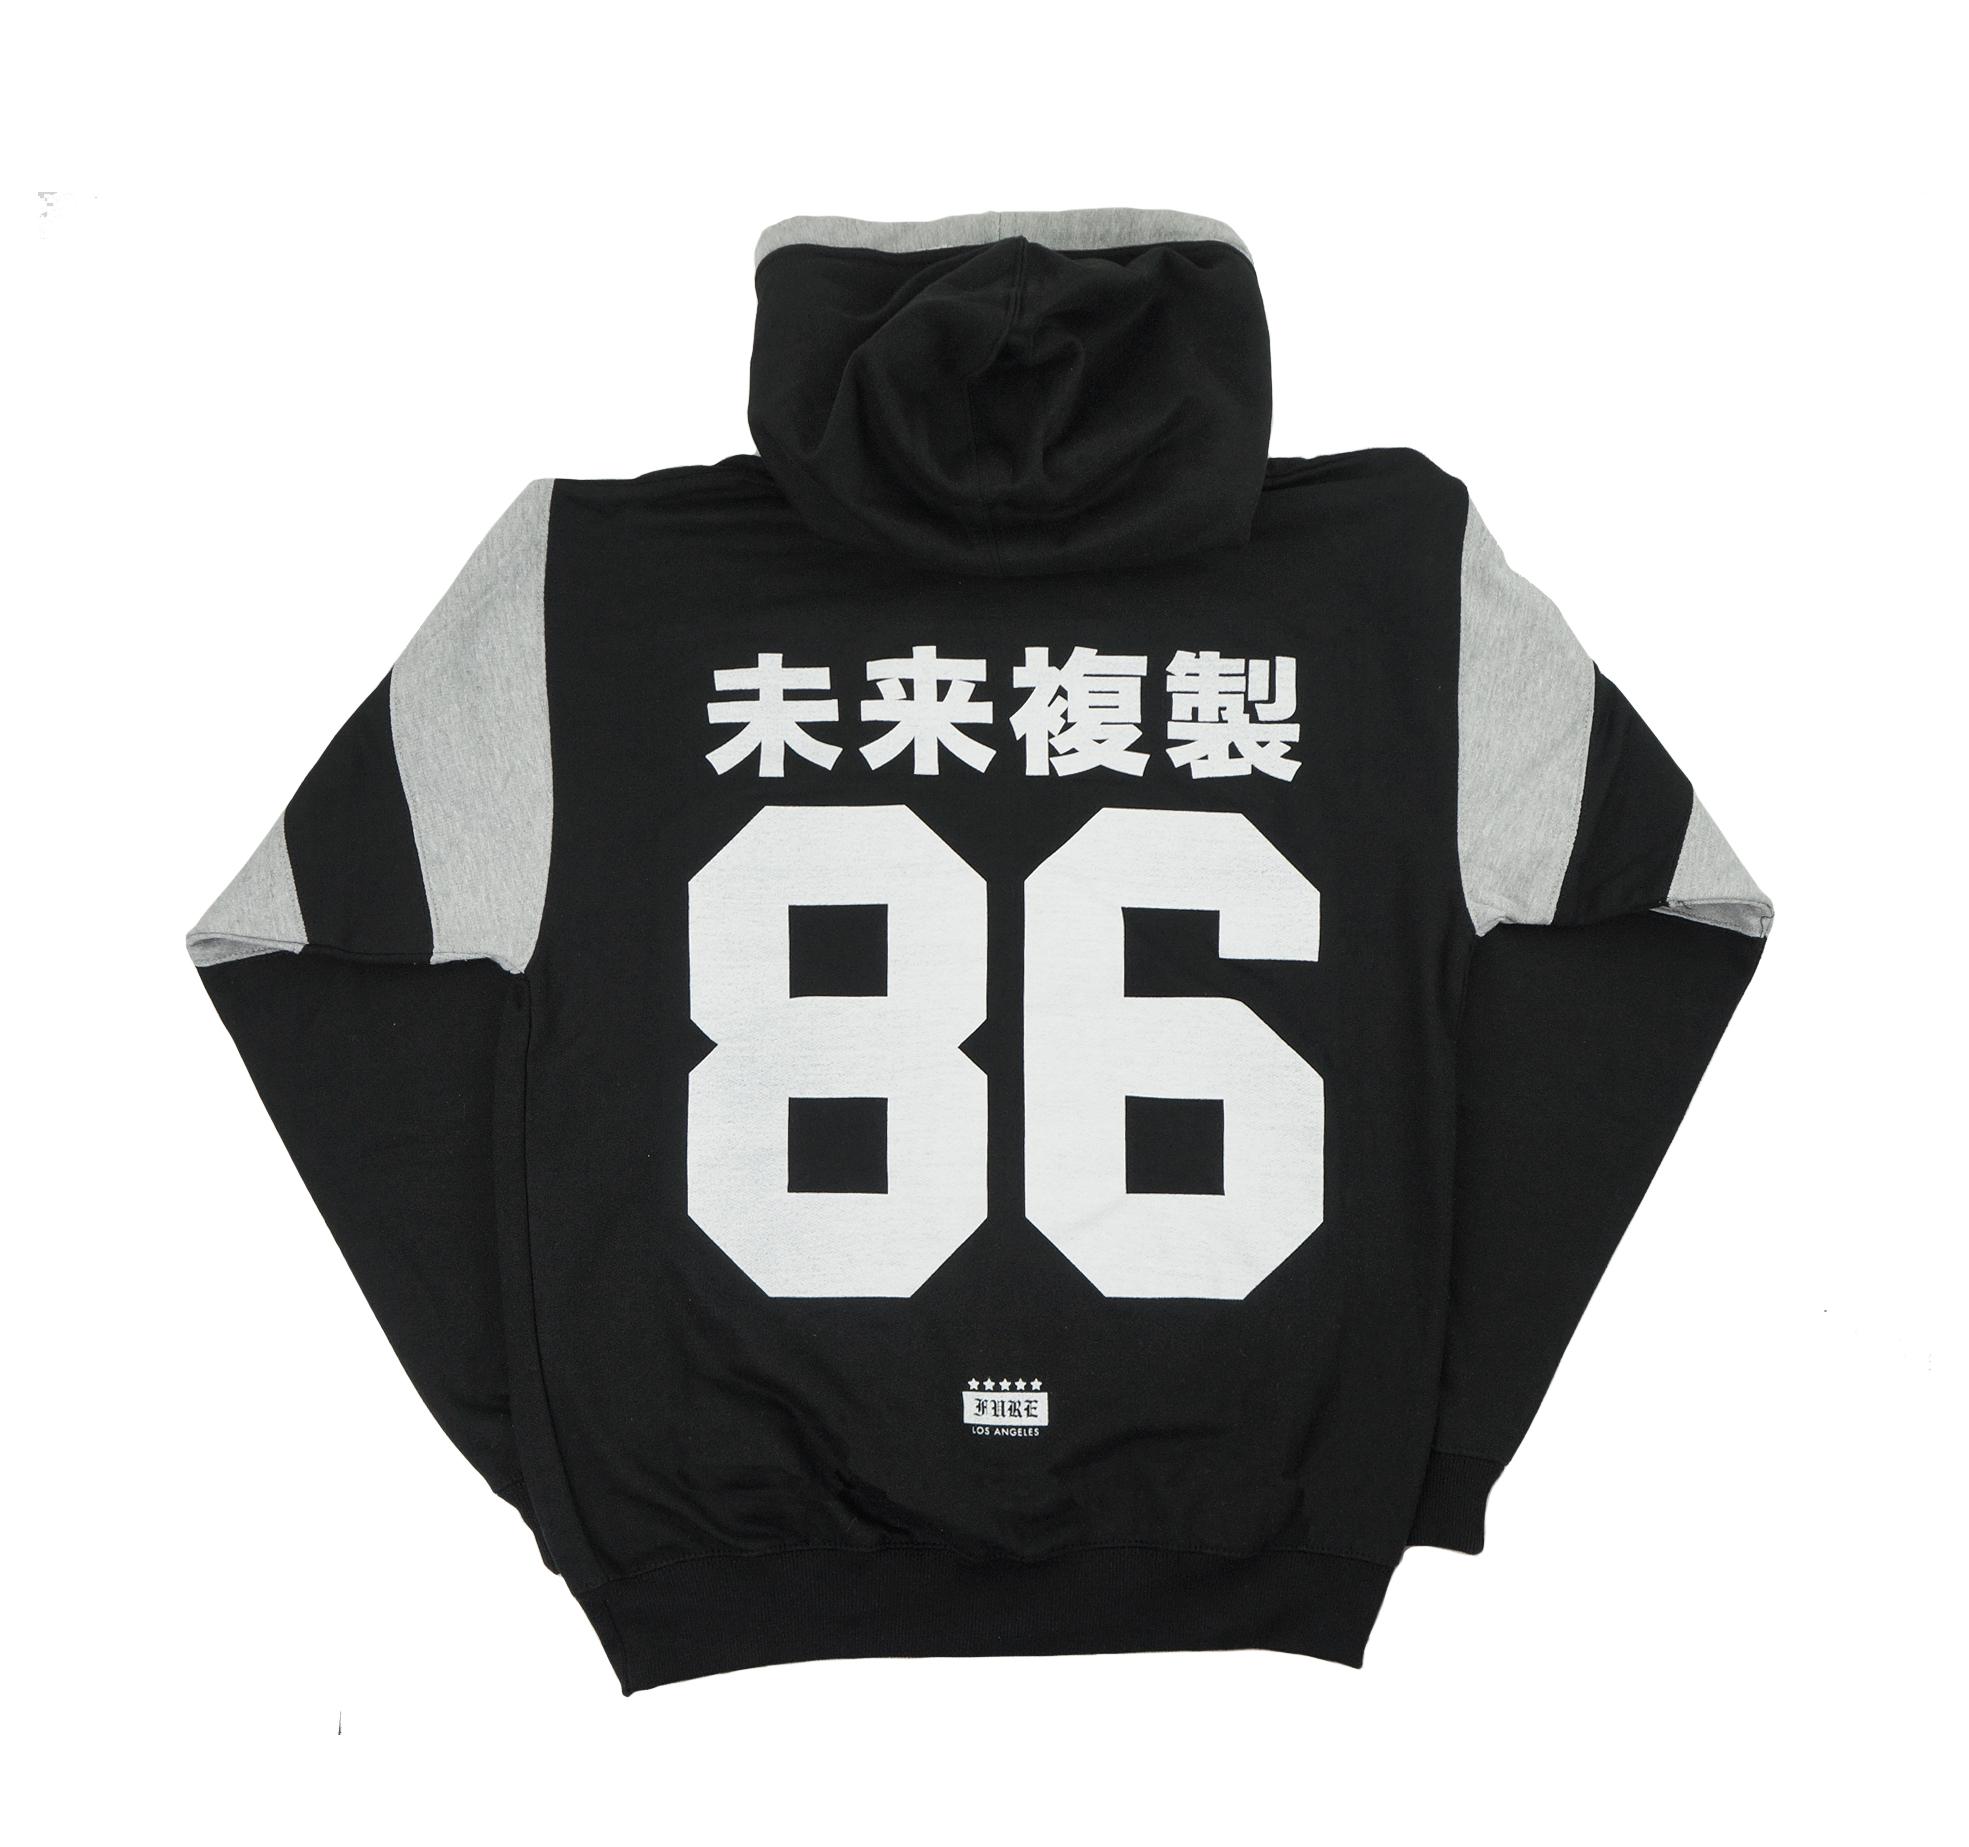 Tora // 未来複製 striped sleeve hoodie